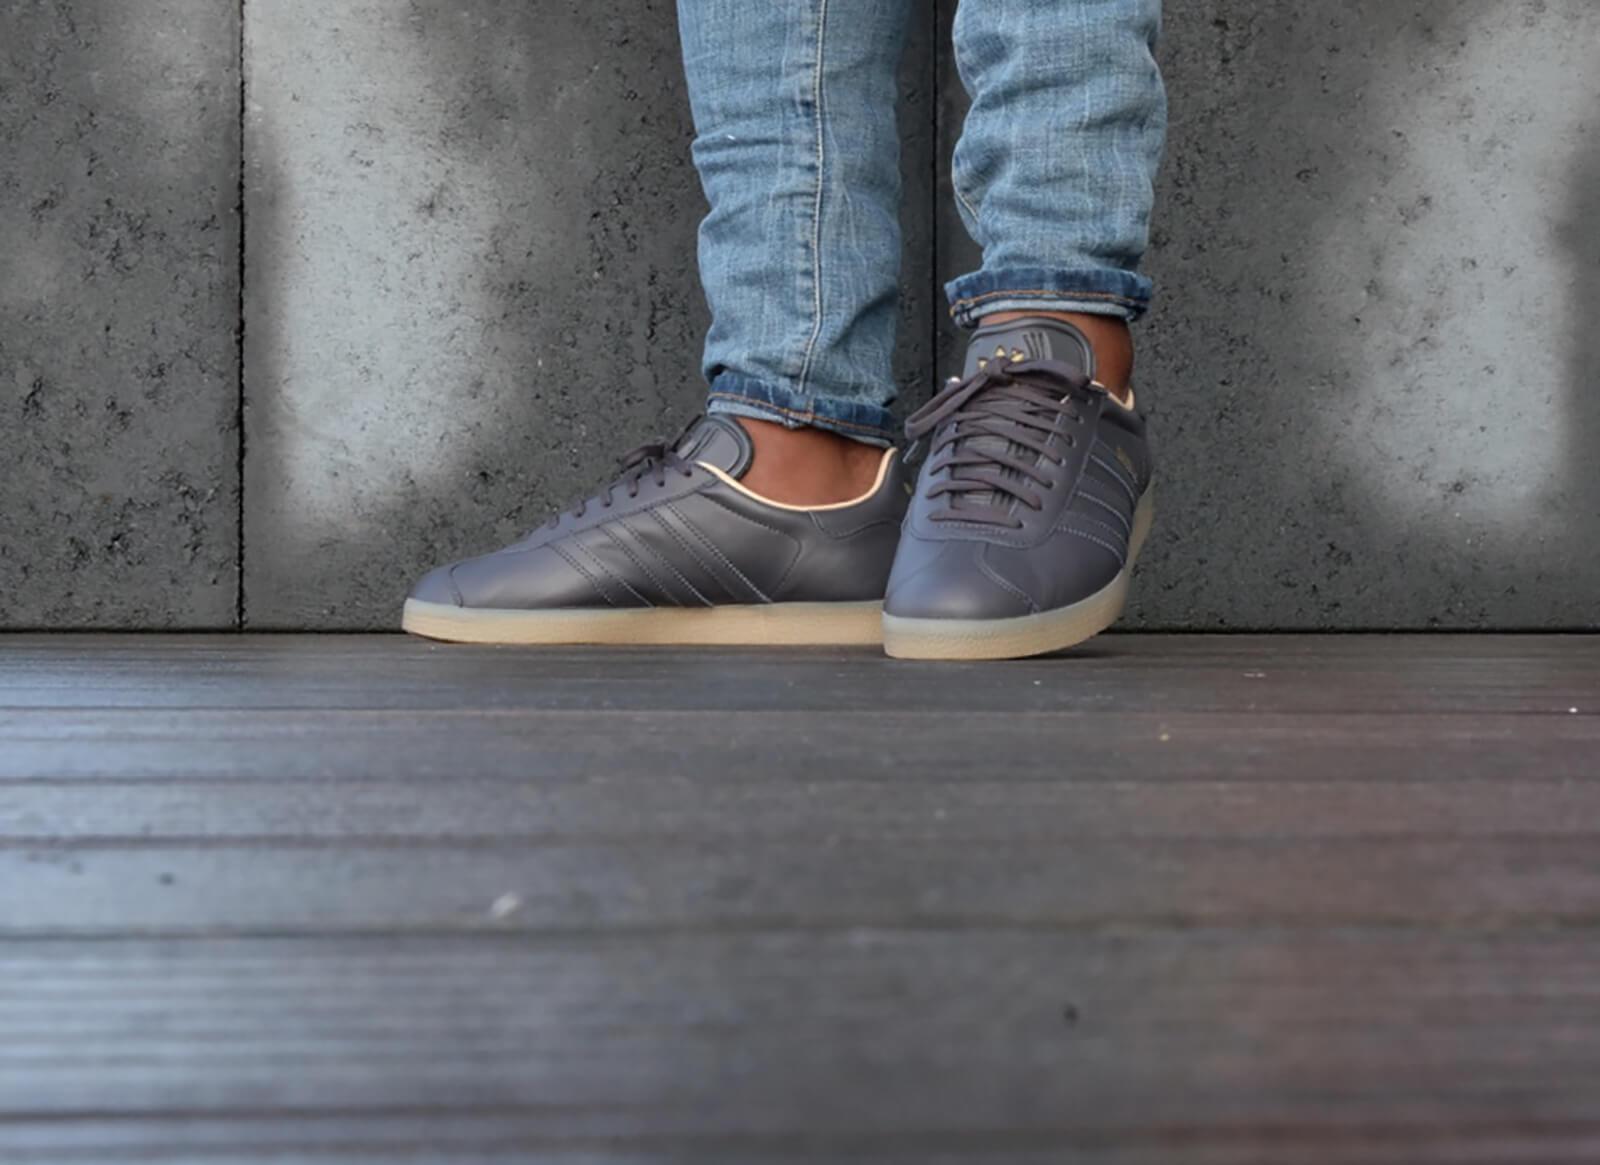 Adidas Gazelle Leather Premium - Utility Black / Gold Metallic